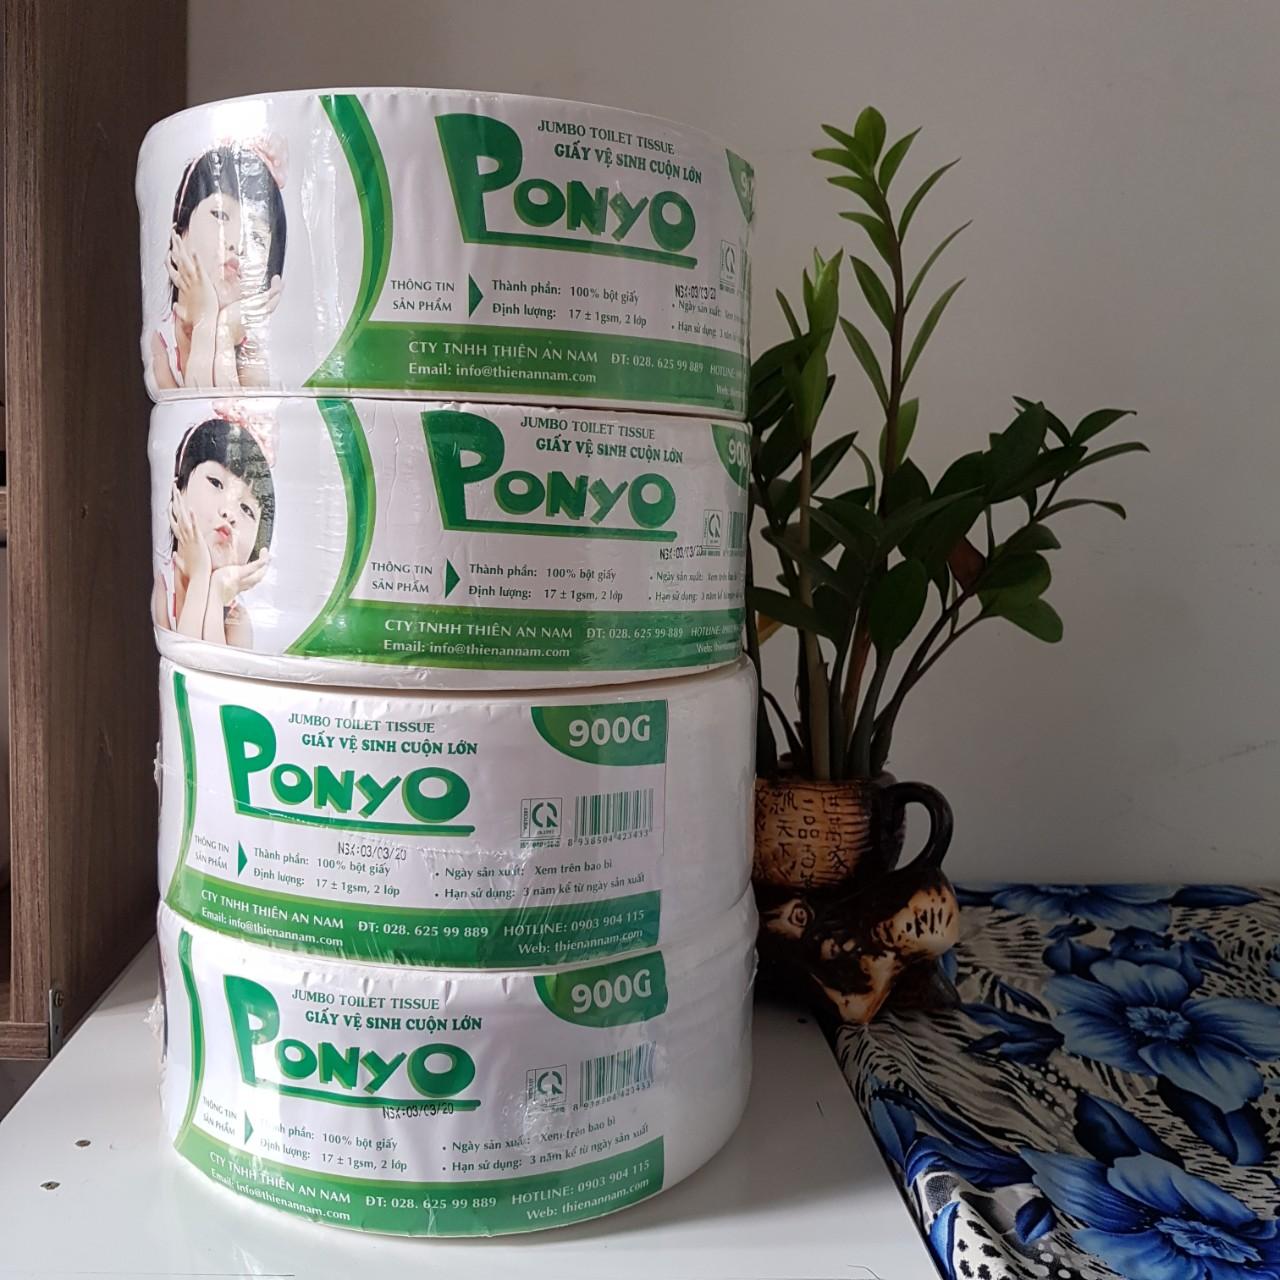 Combo 4 Cuộn Giấy Vệ Sinh Cuộn Lớn 900g Ponyo Ưu Đãi Bất Ngờ